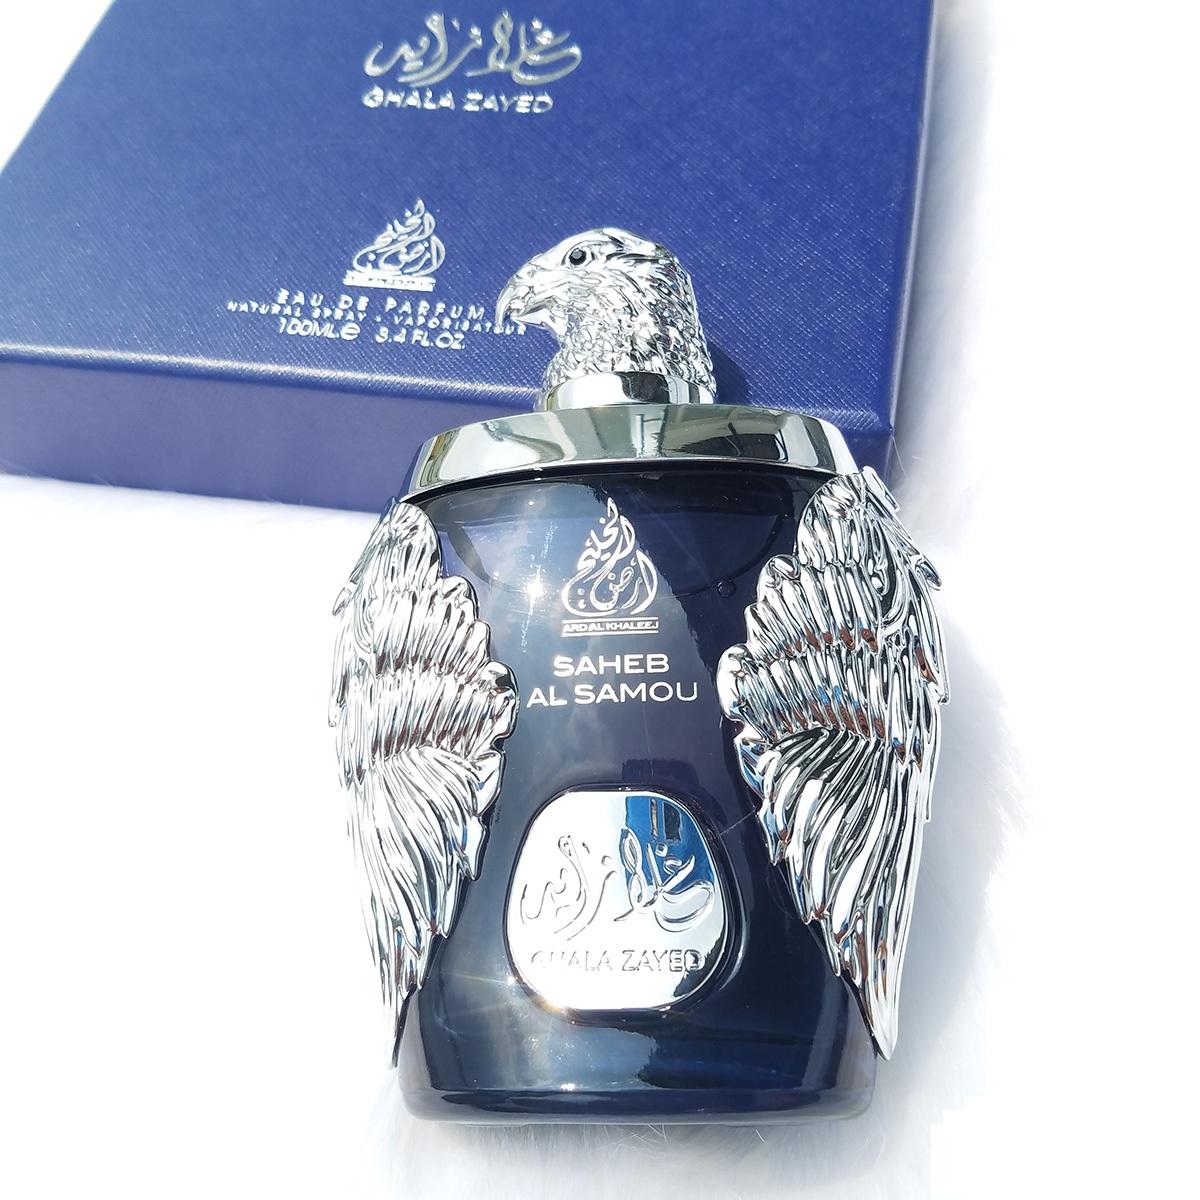 Ghala Zayed Saheb Al Samou Luxury – Nước hoa đại bàng xanh